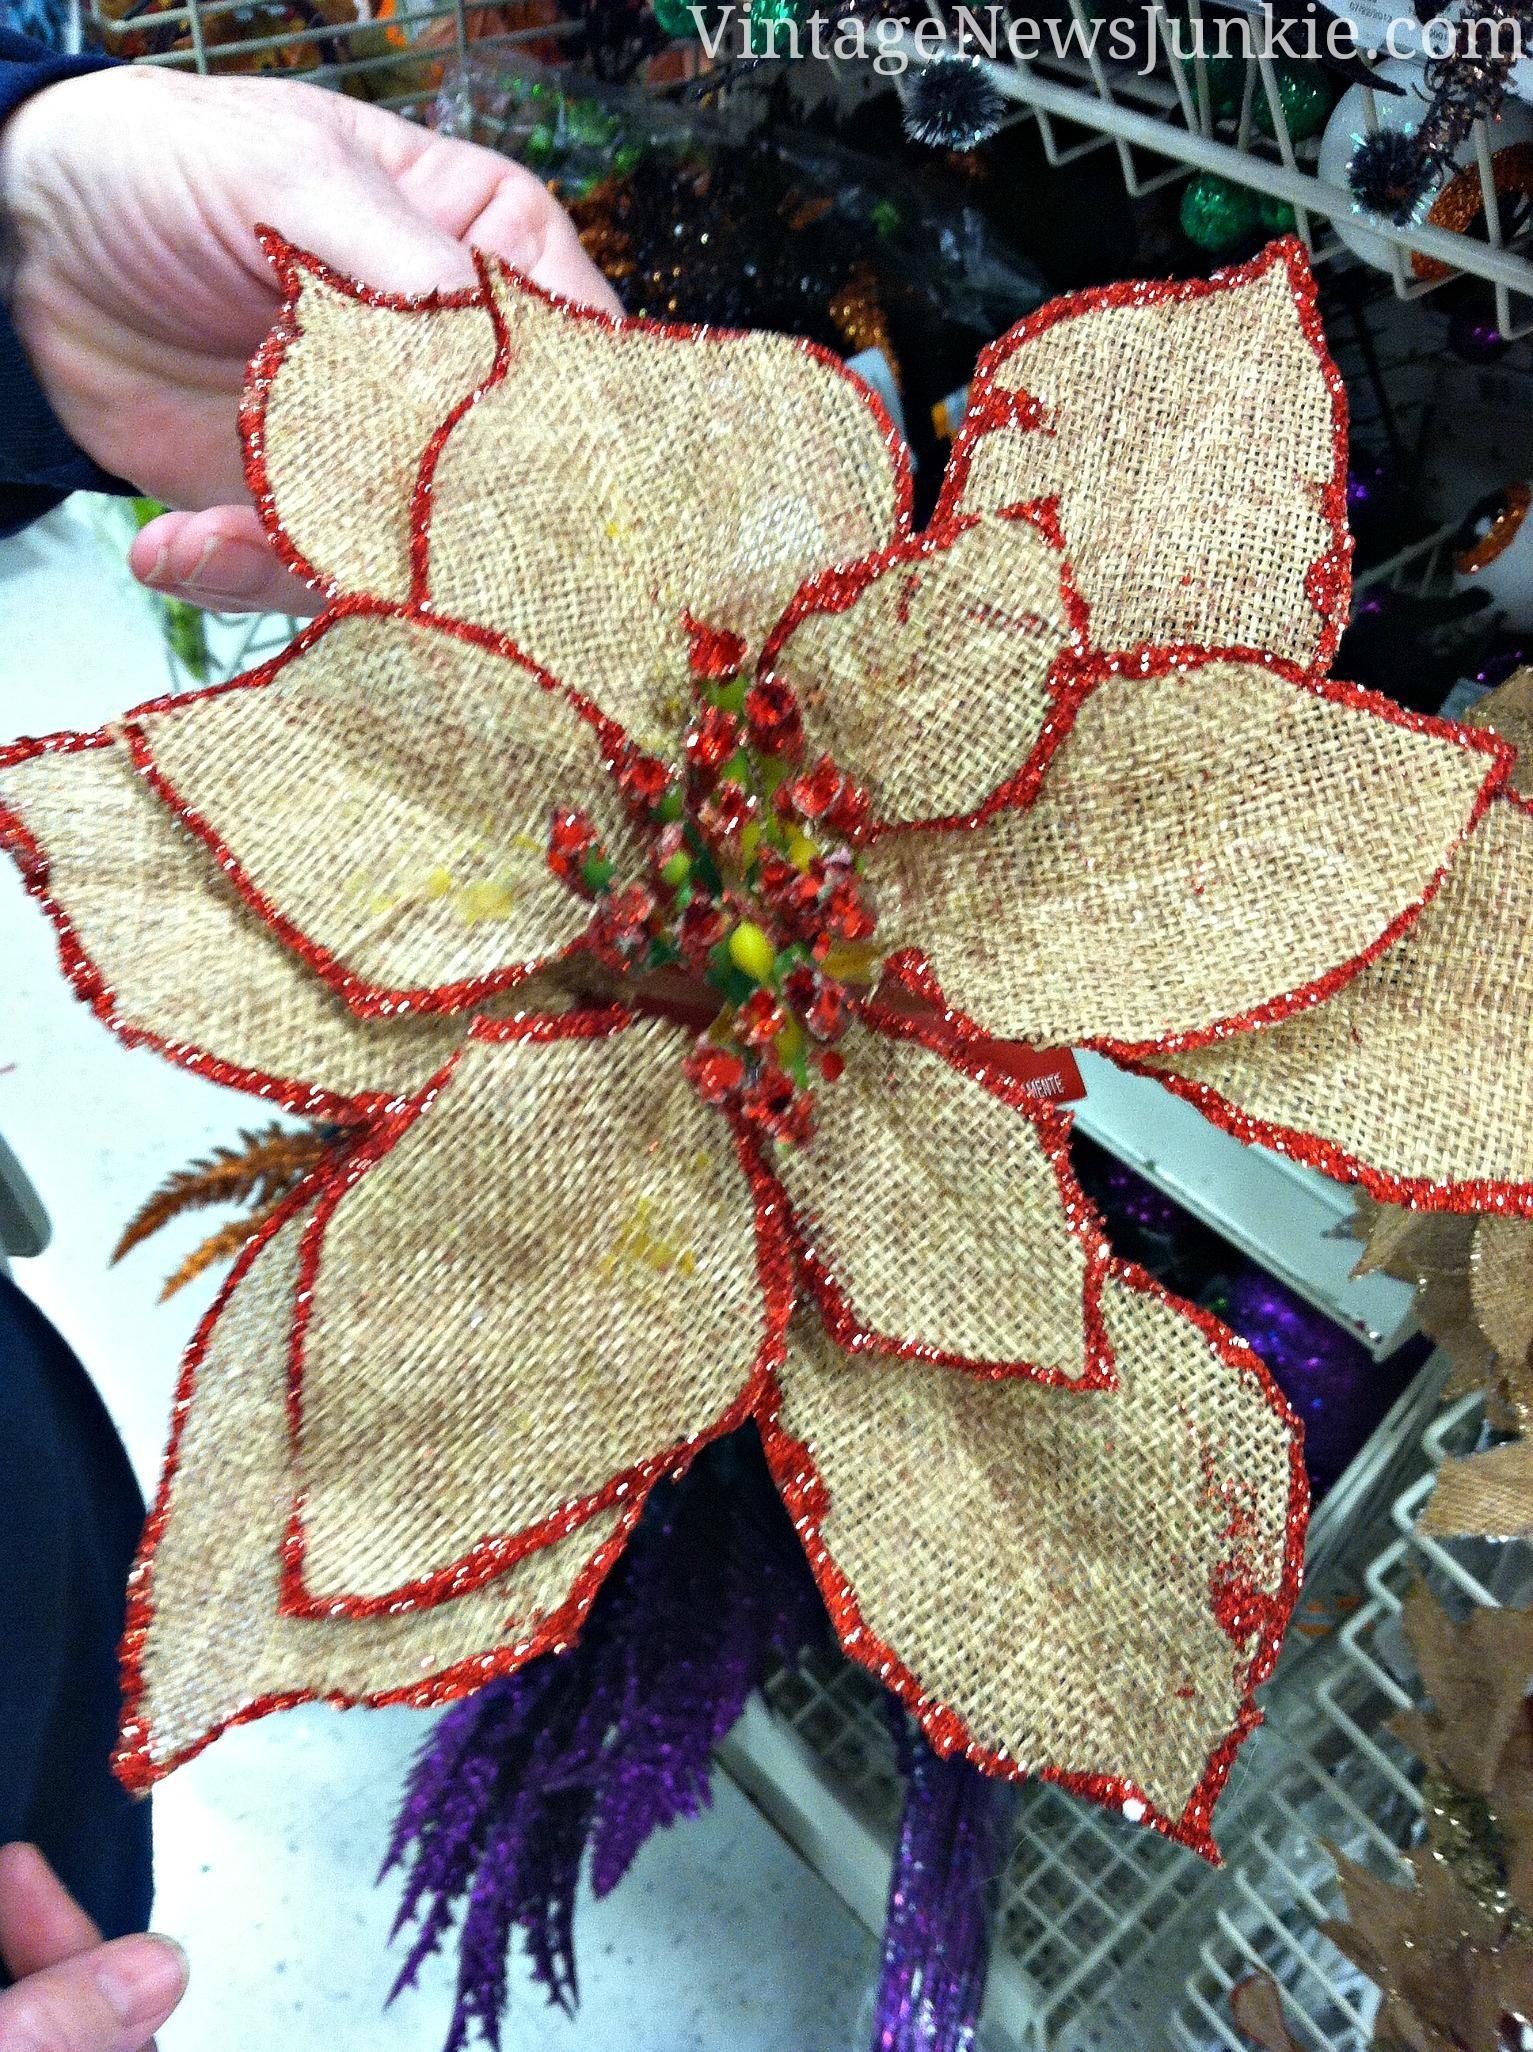 Flor de pascua hecha con tela de saco y rematada en punto - Manualidades con tela de saco ...